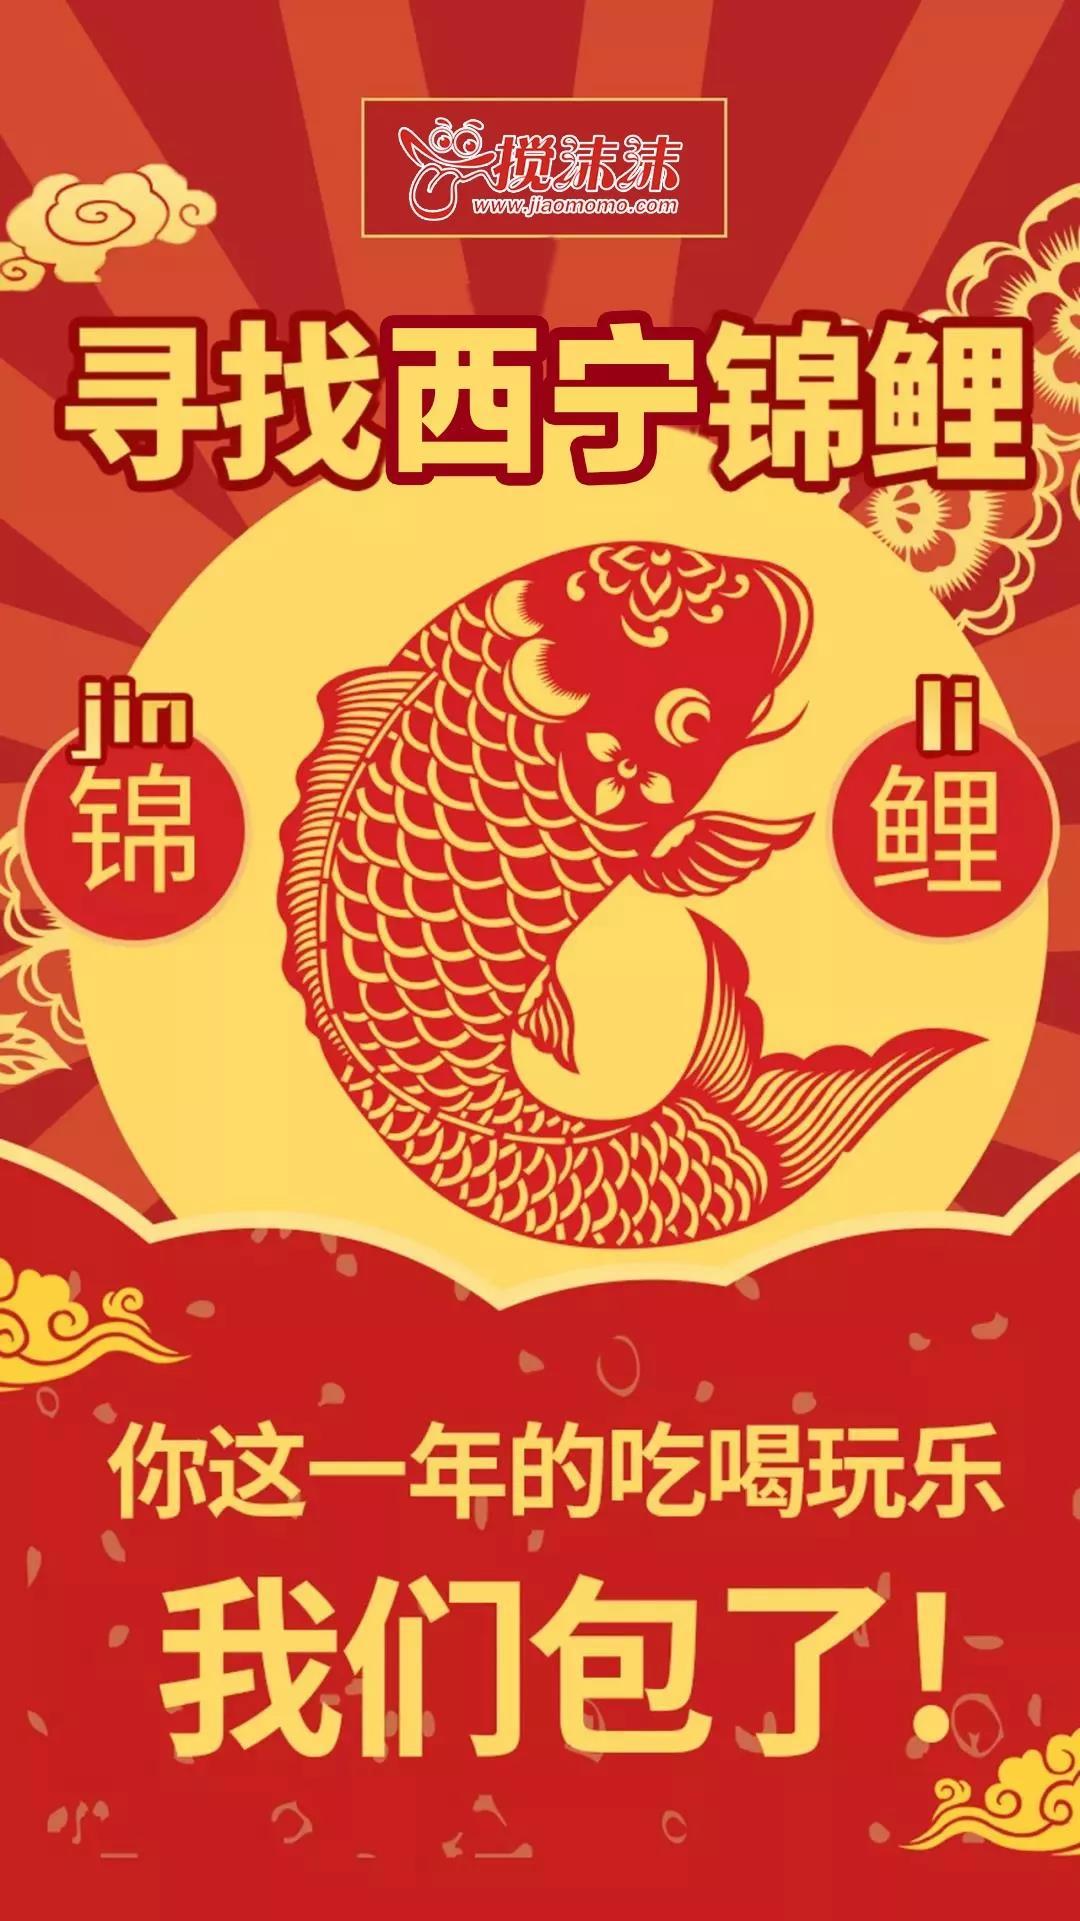 只宠爱一人,西宁搅沫沫锦鲤在哪里?